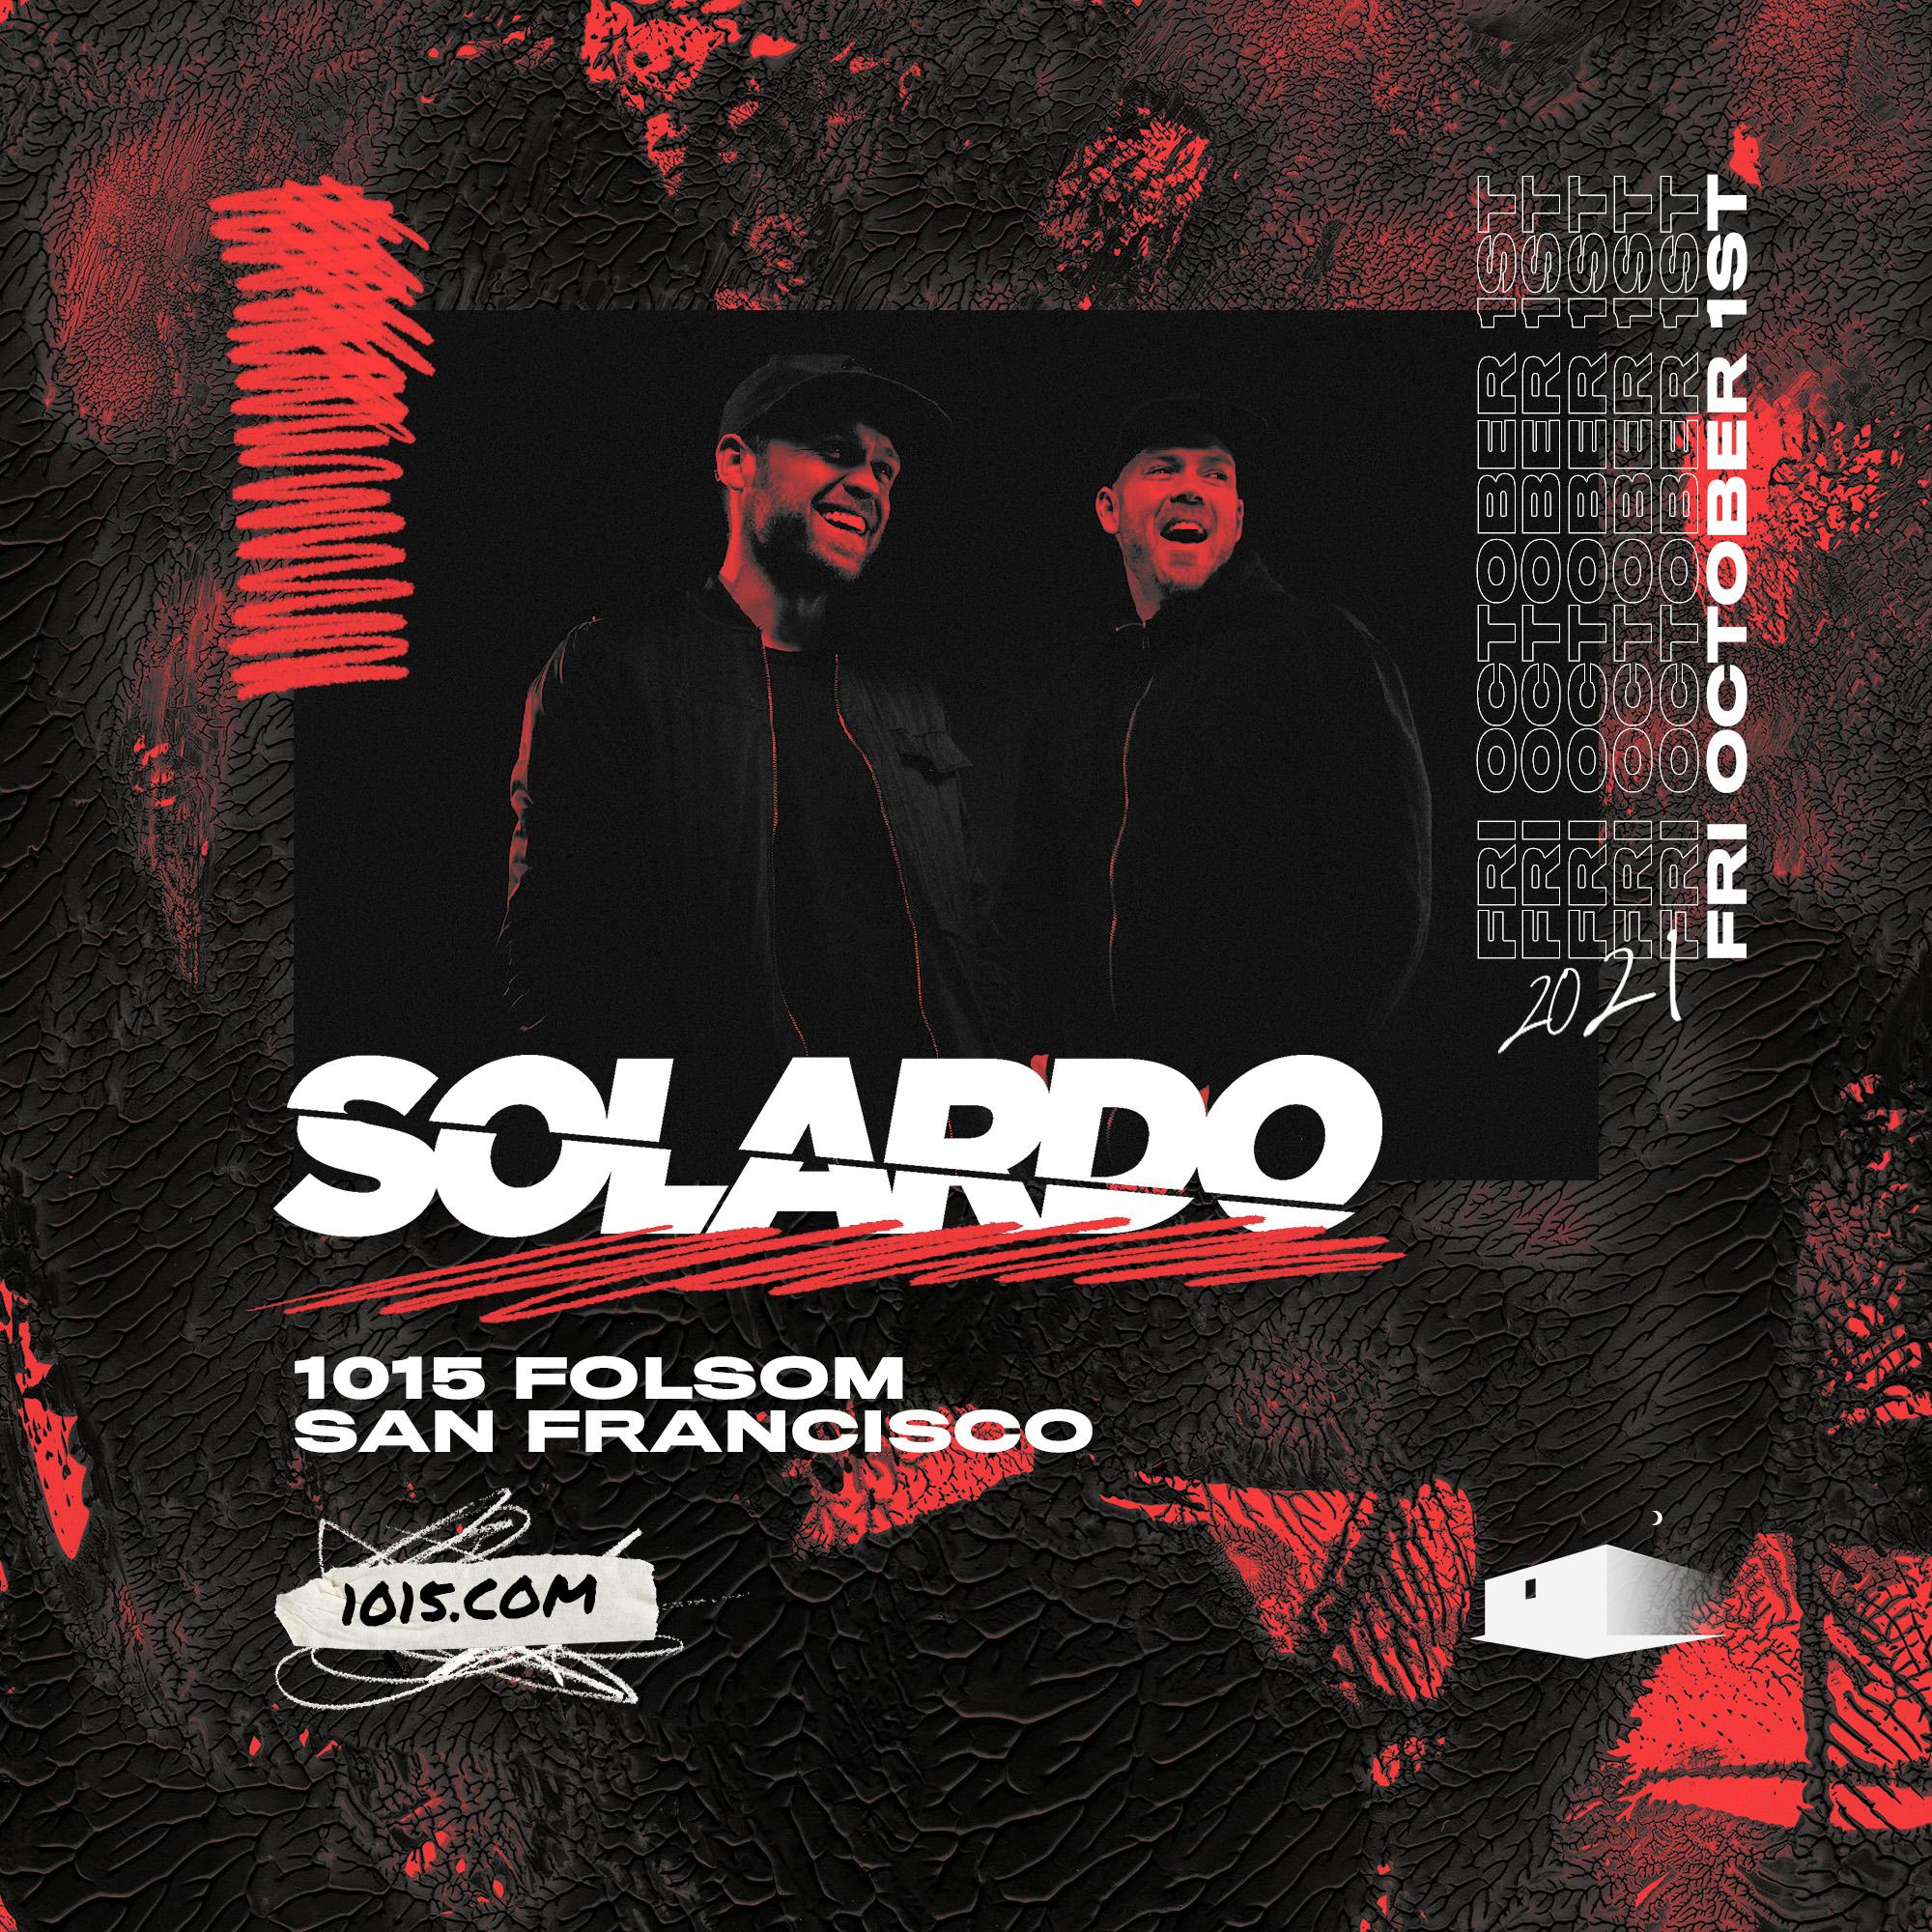 Solardo: Main Image